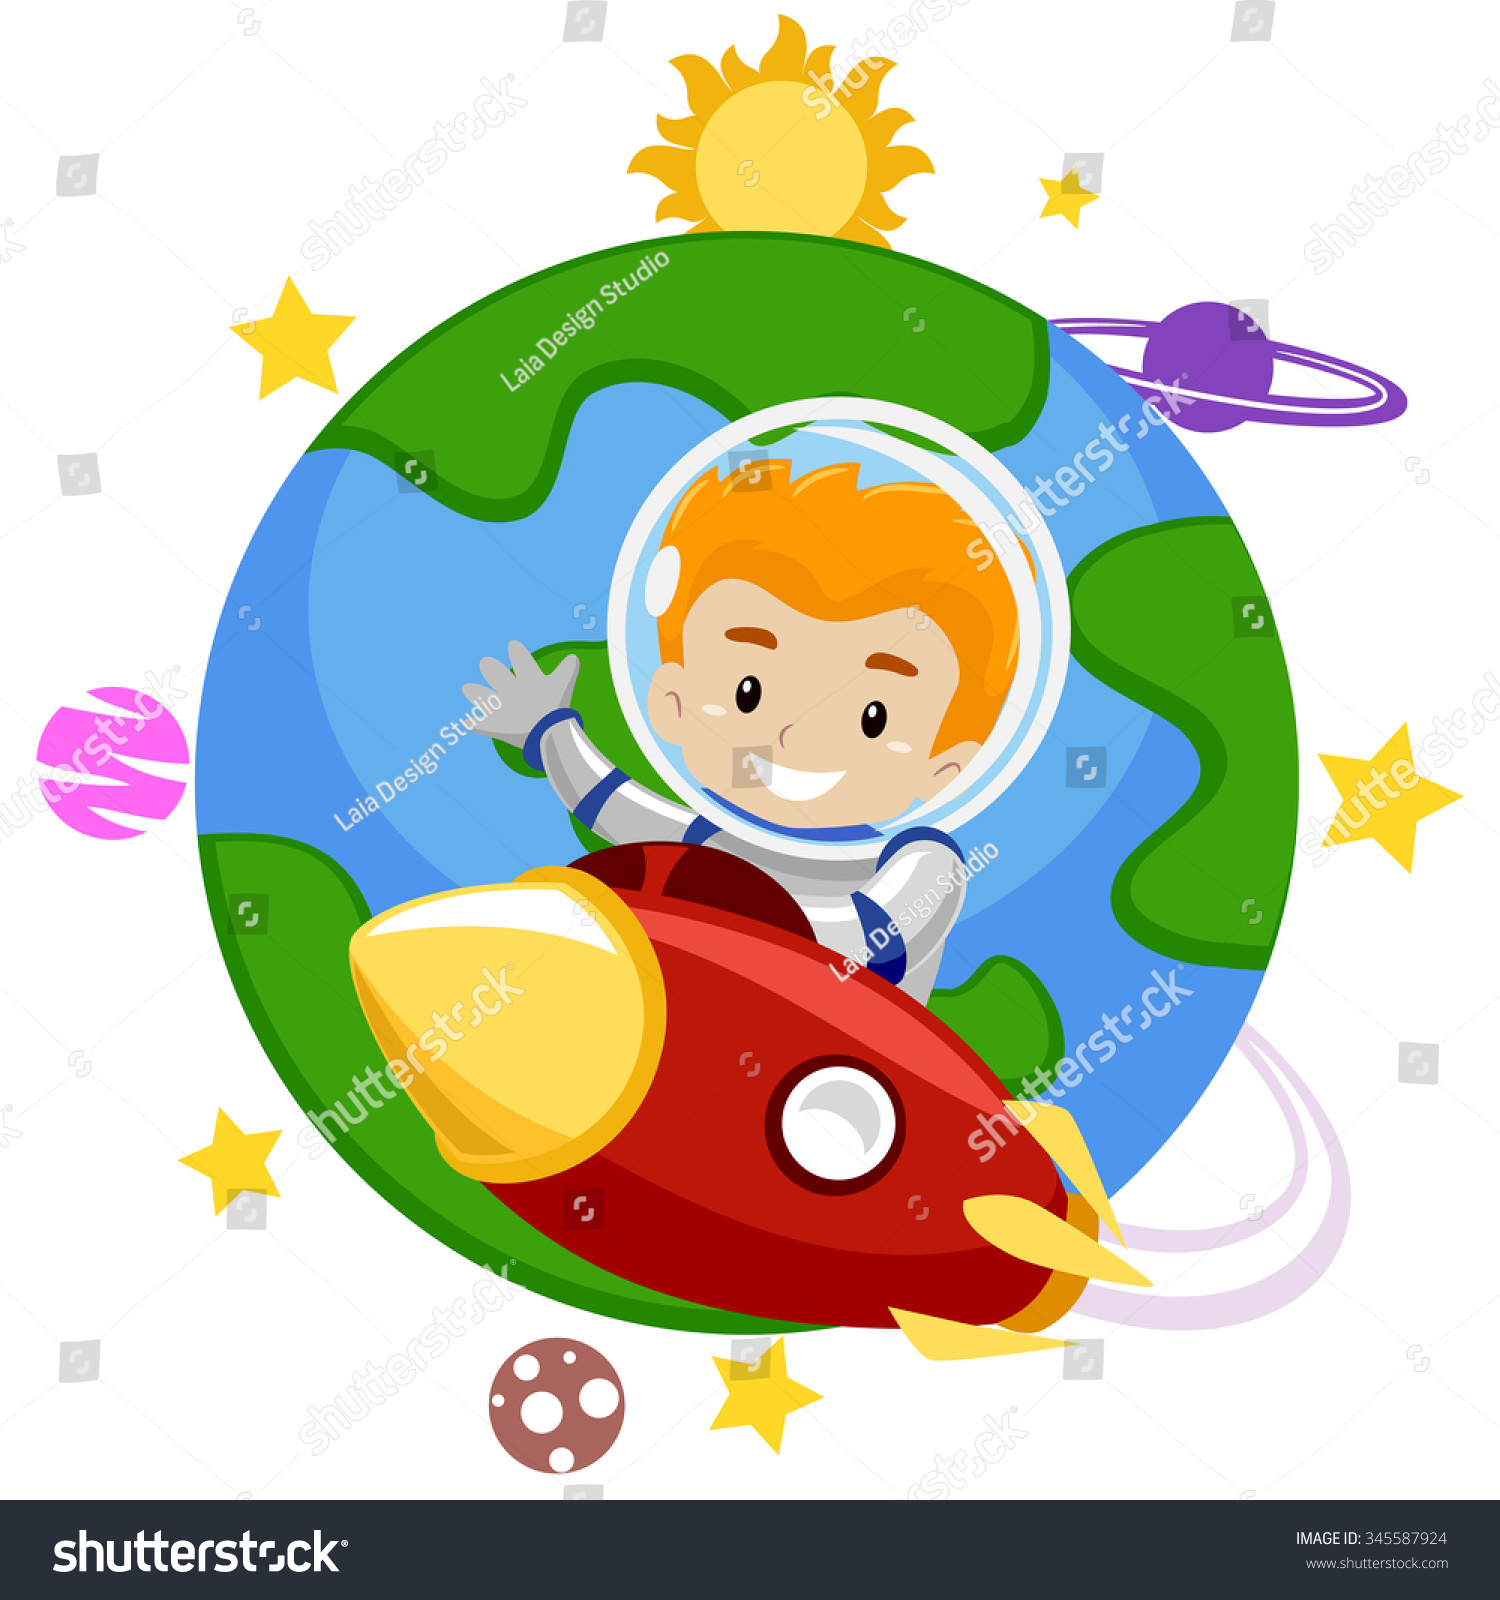 vector illustration rocket kid leaving earth stock vector